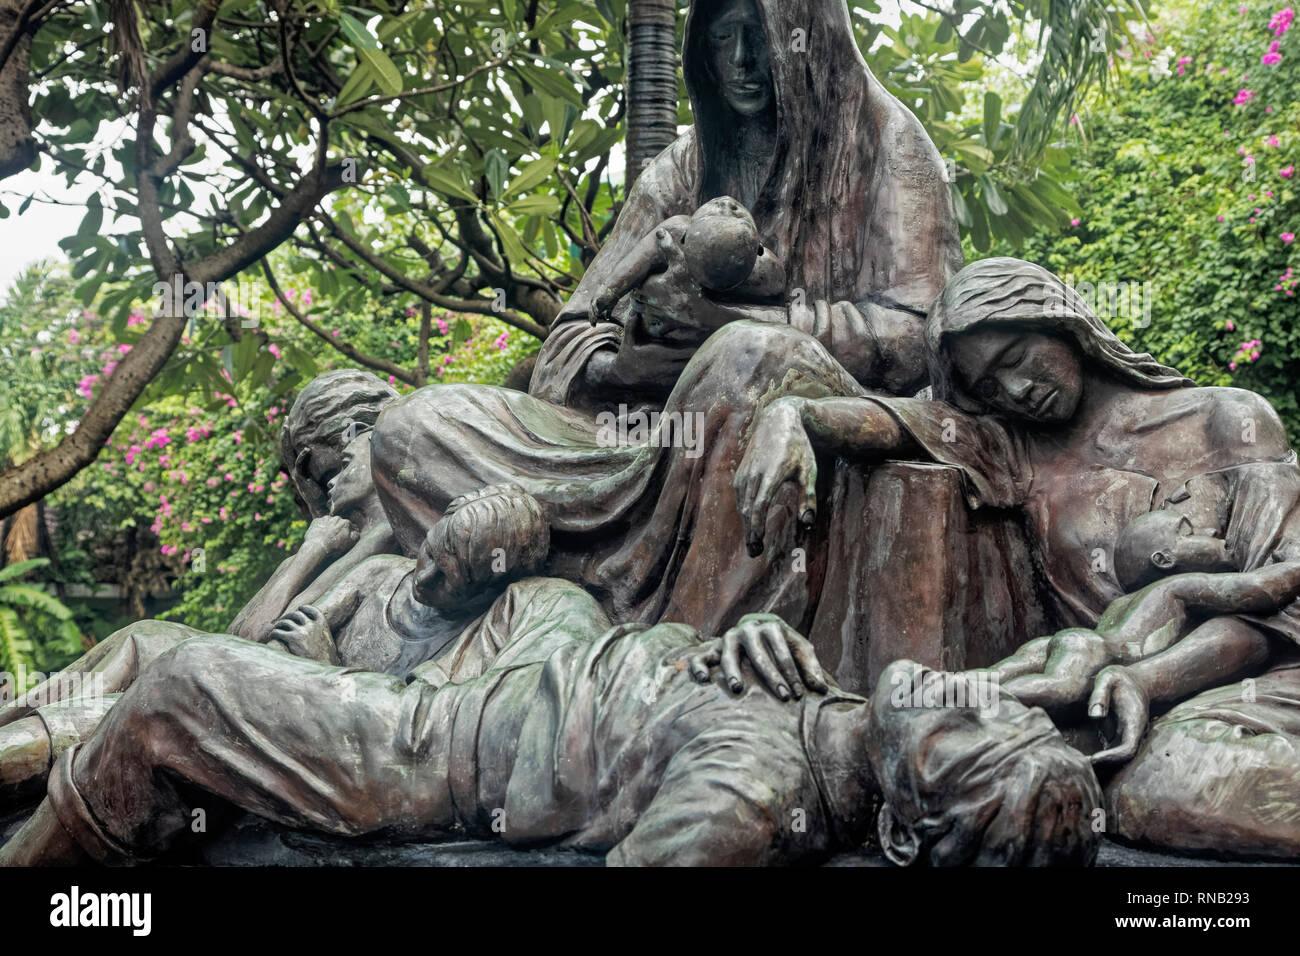 Acordaos - Manila 1945 monumento conmemorativo dedicado a todos los inocentes vidas perdidas durante la batalla de liberación WW2 Intramuros, Manila, Filipinas Foto de stock